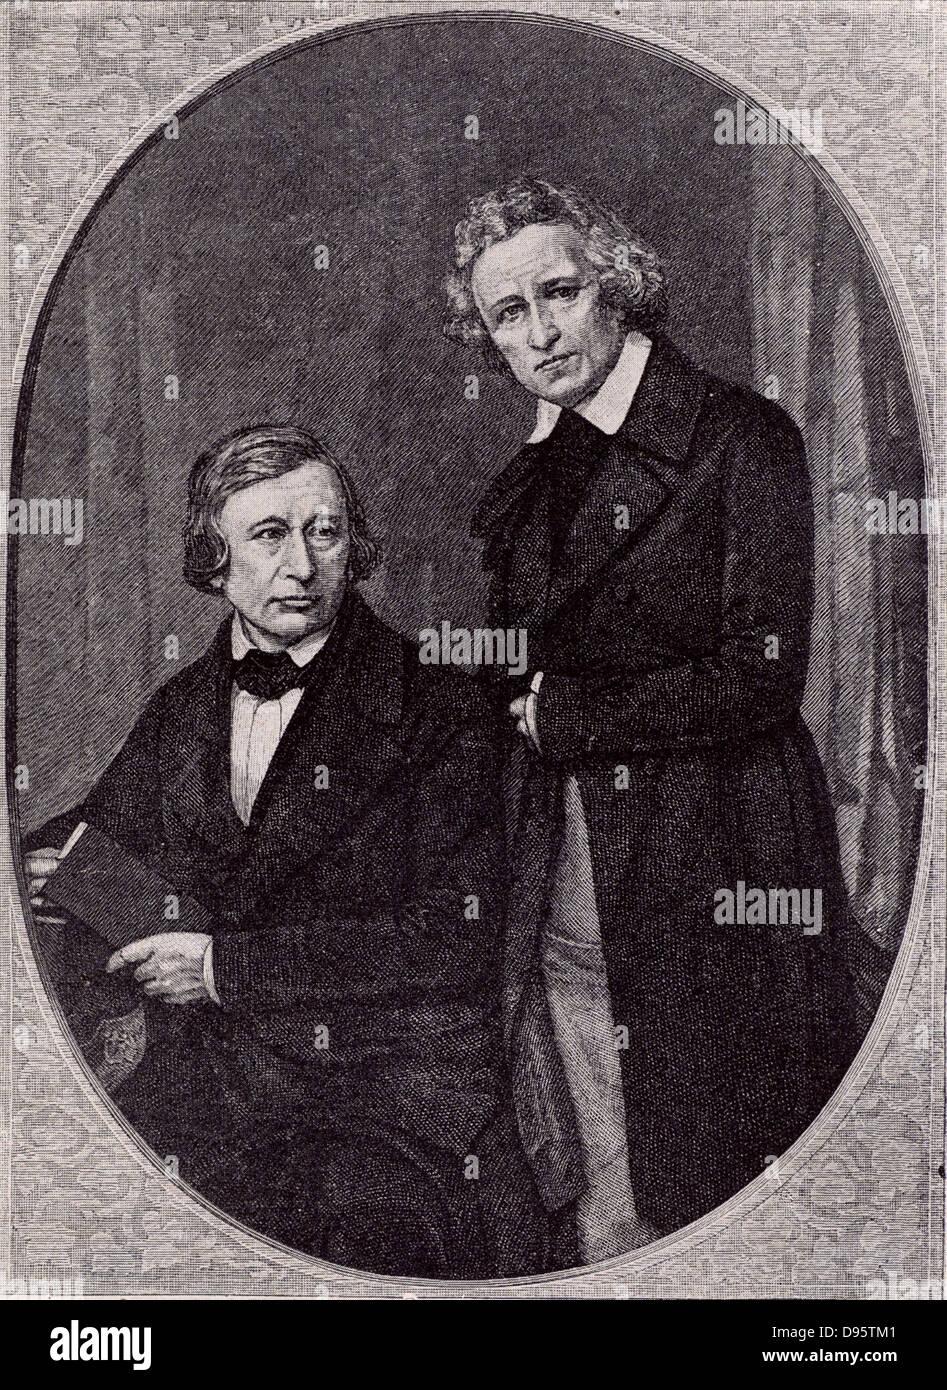 Wilhelm Carl Grimm (1786-1859) links und rechts Jacob Ludwig Carl Grimm (1786-1859), deutscher Sprachwissenschaftler Stockbild